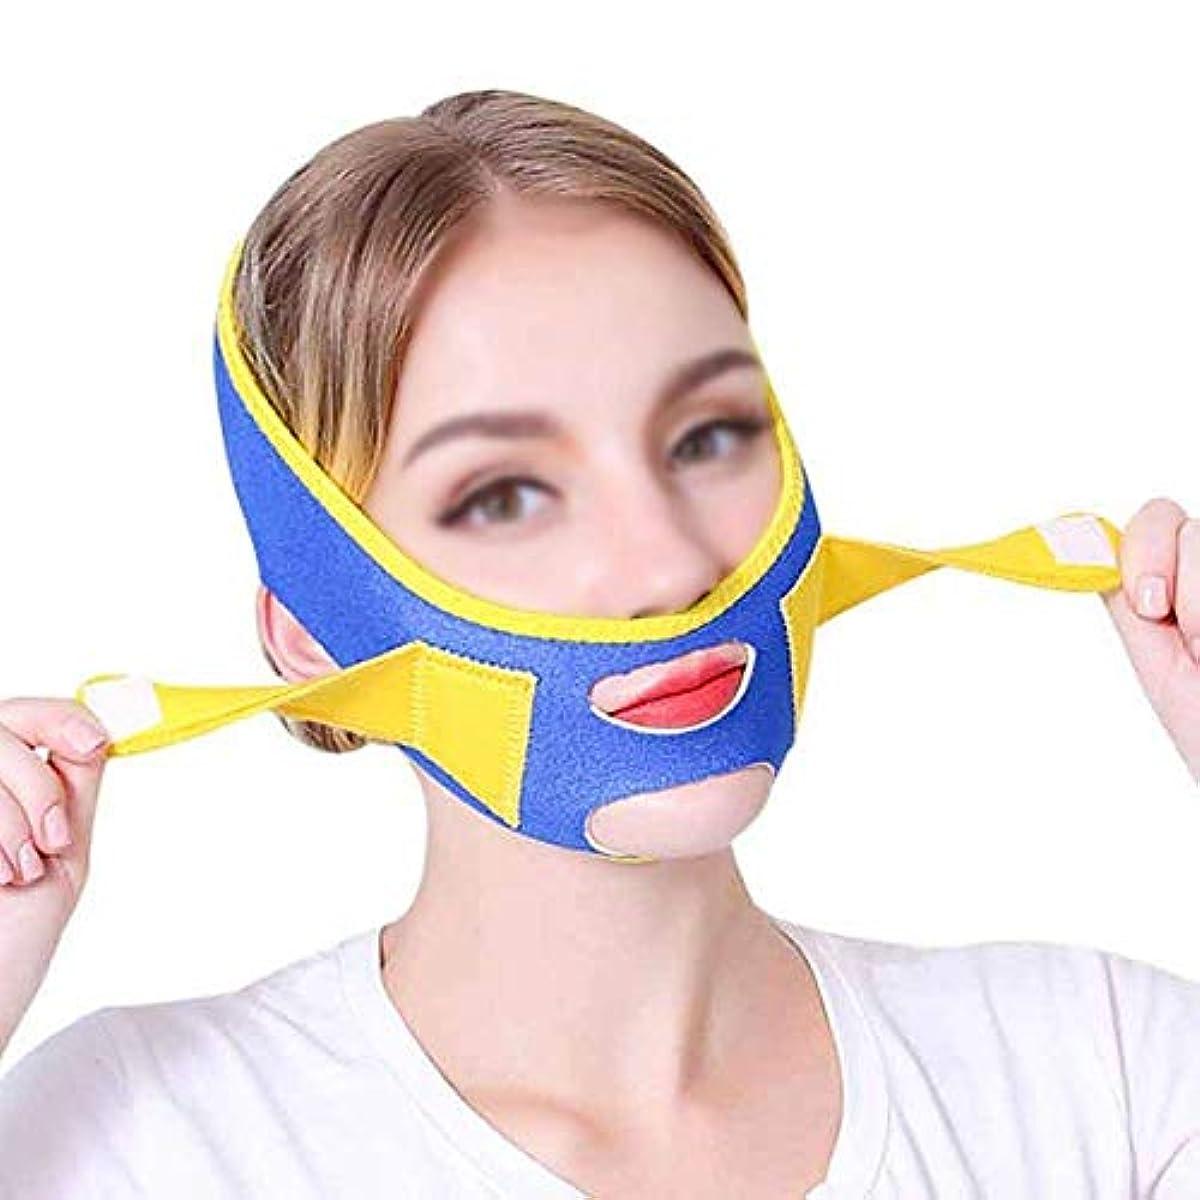 裂け目ピービッシュコウモリフェイスリフトマスク、あごひも回復包帯薄いフェイスマスクVフェイスステッカーフェイスリフトステッカー韓国本物のリフティング引き締め引き締め成形薄いダブルチンフェイスリフト睡眠包帯アーティファクト